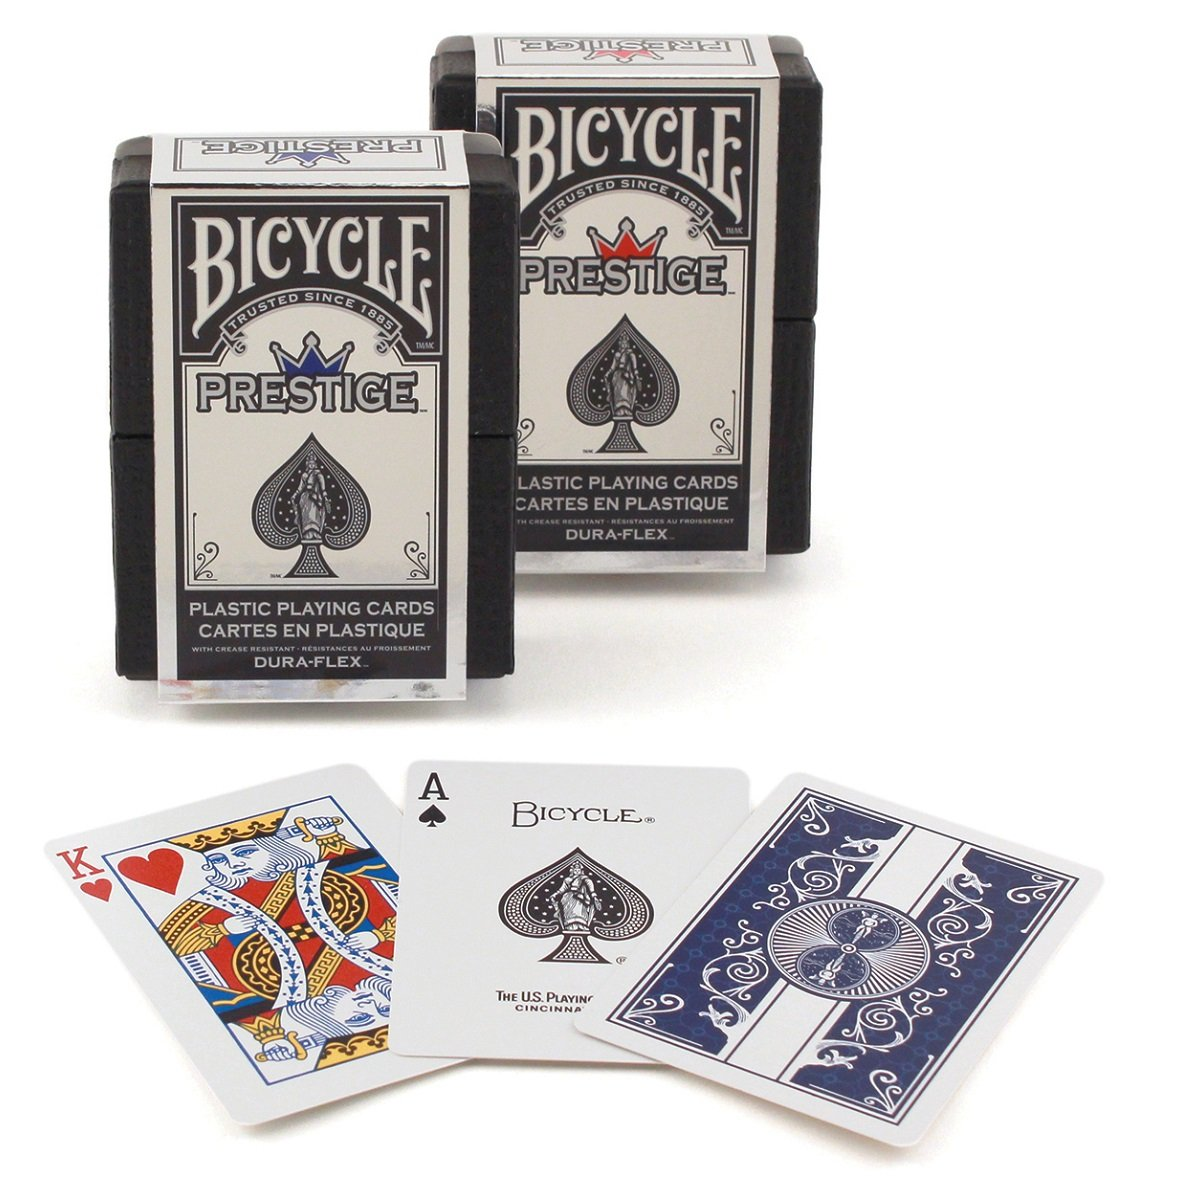 Bicycle Vélo Prestige Plastique Cartes à Jouer (Lot de 2) Sportsman Supply Inc. 1018425-2PK